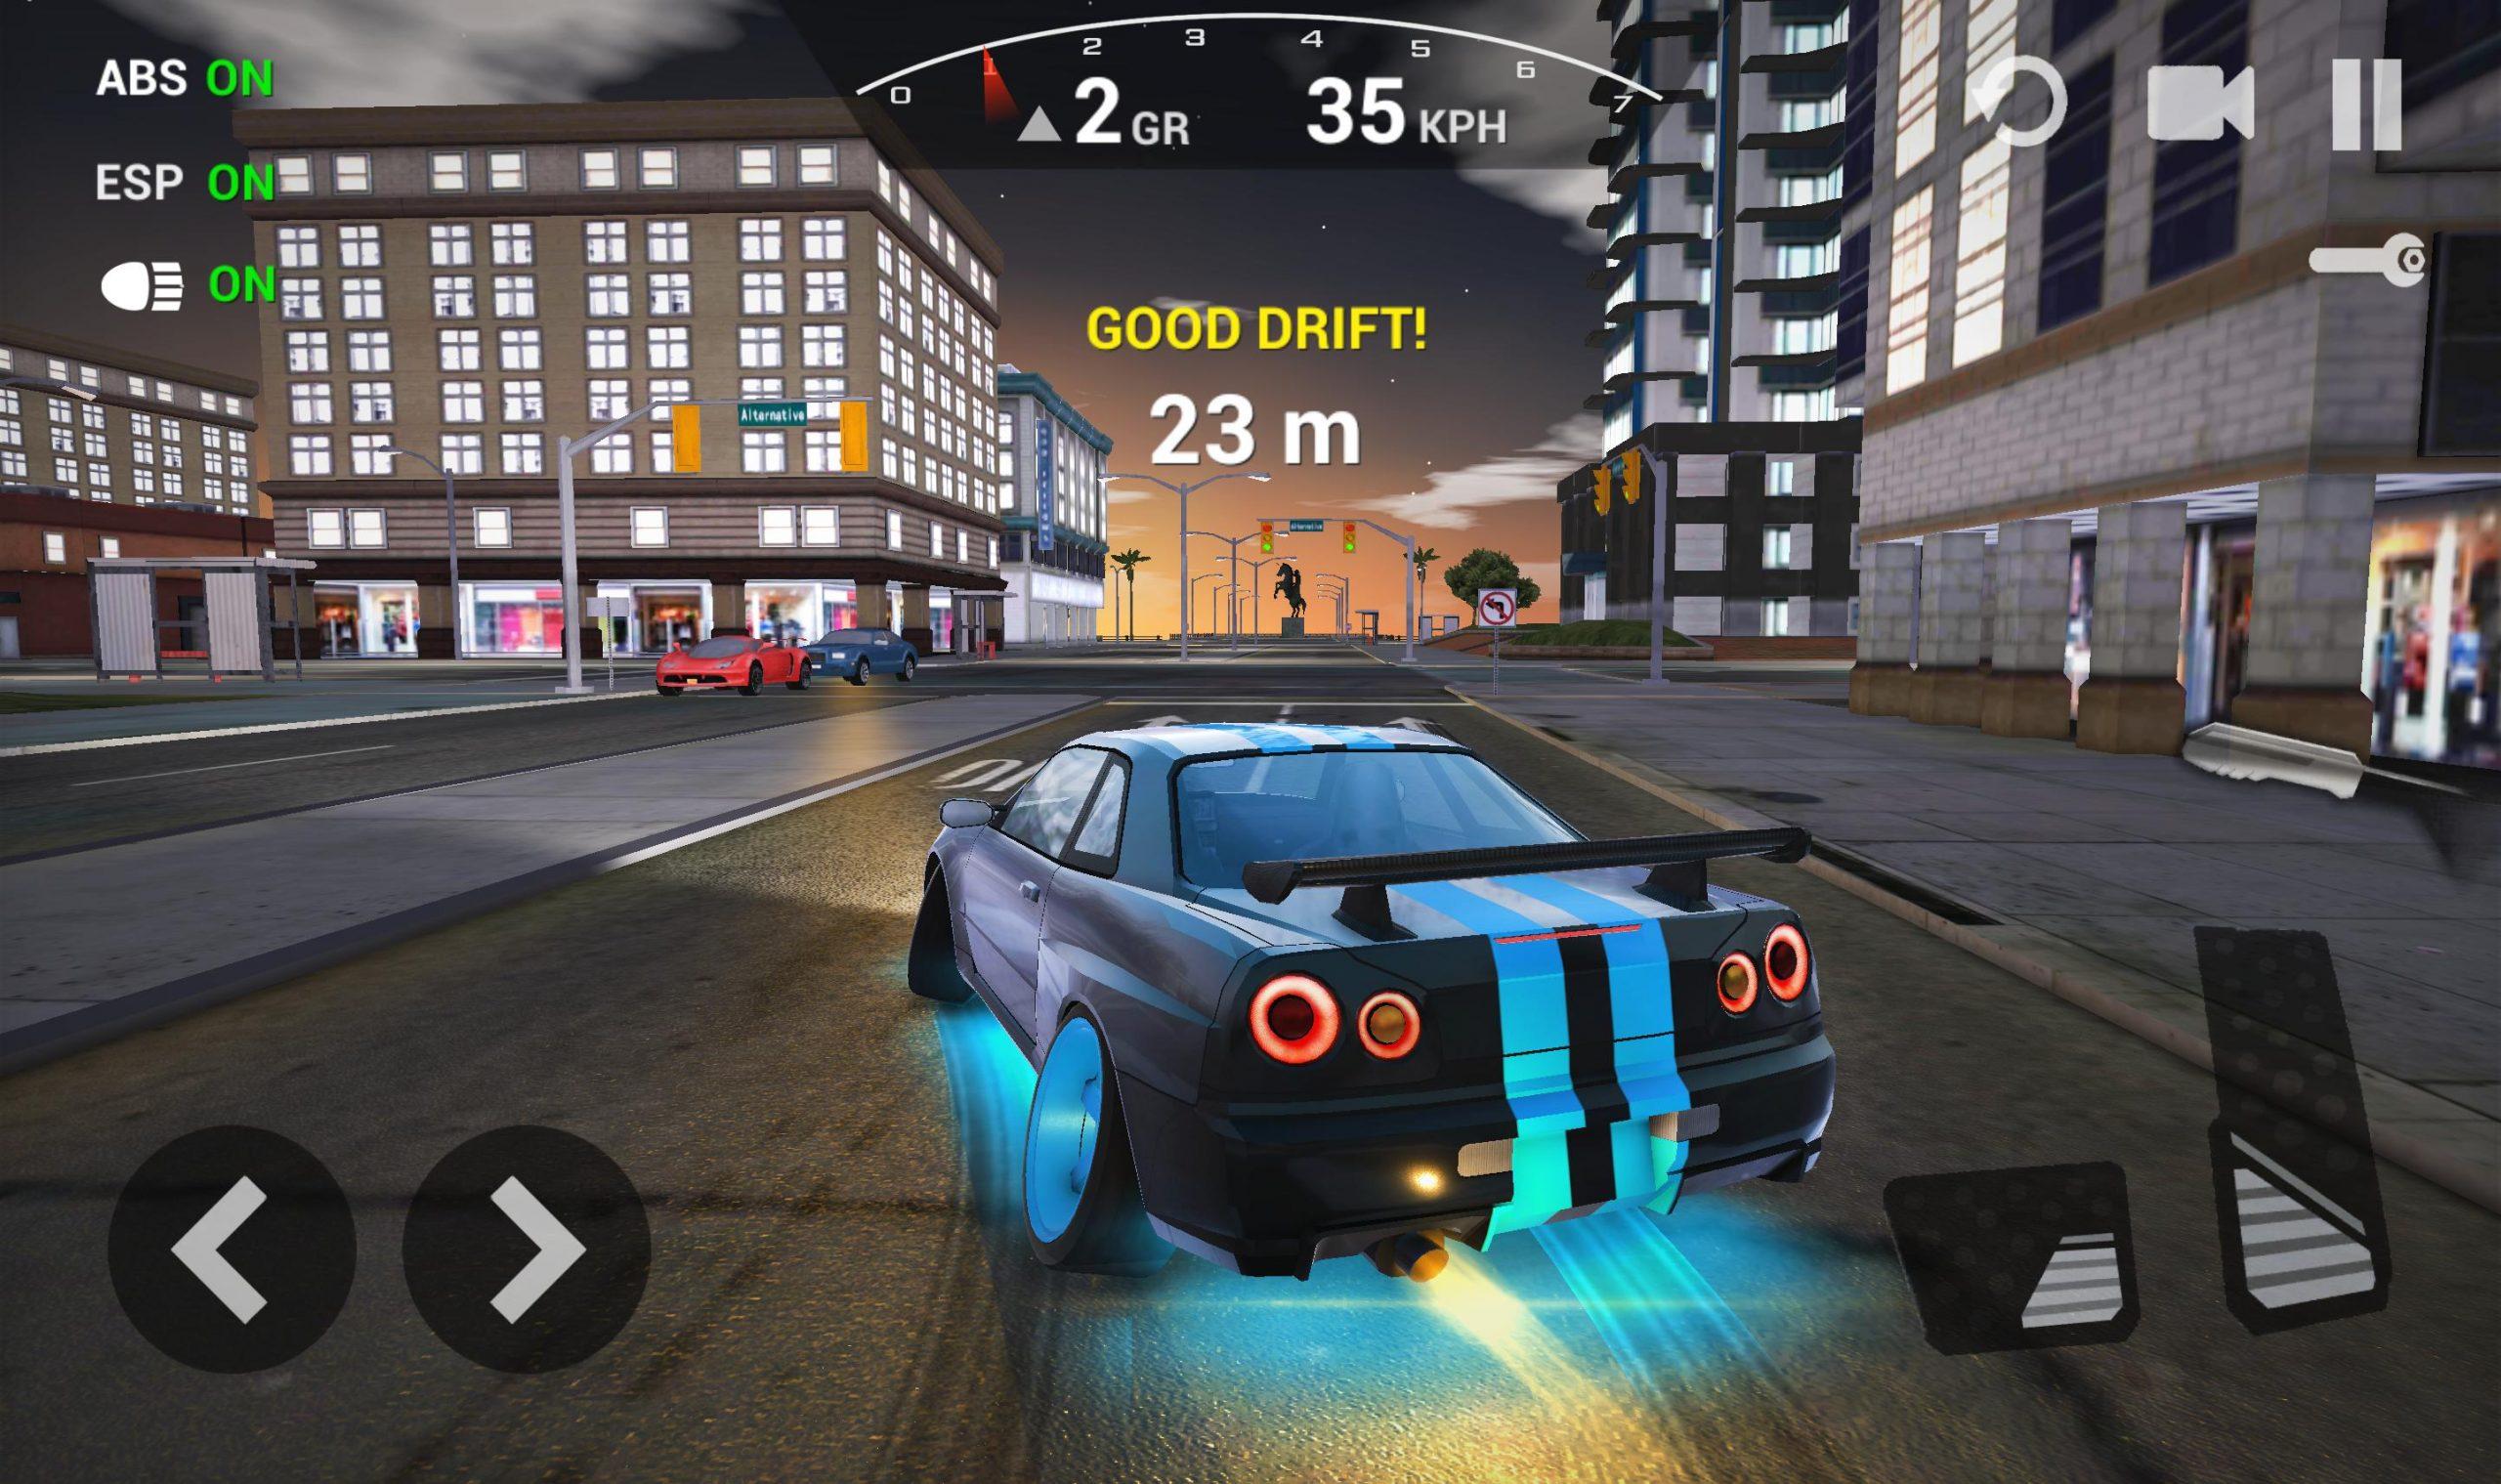 скачать взлом ultimate car driving simulator